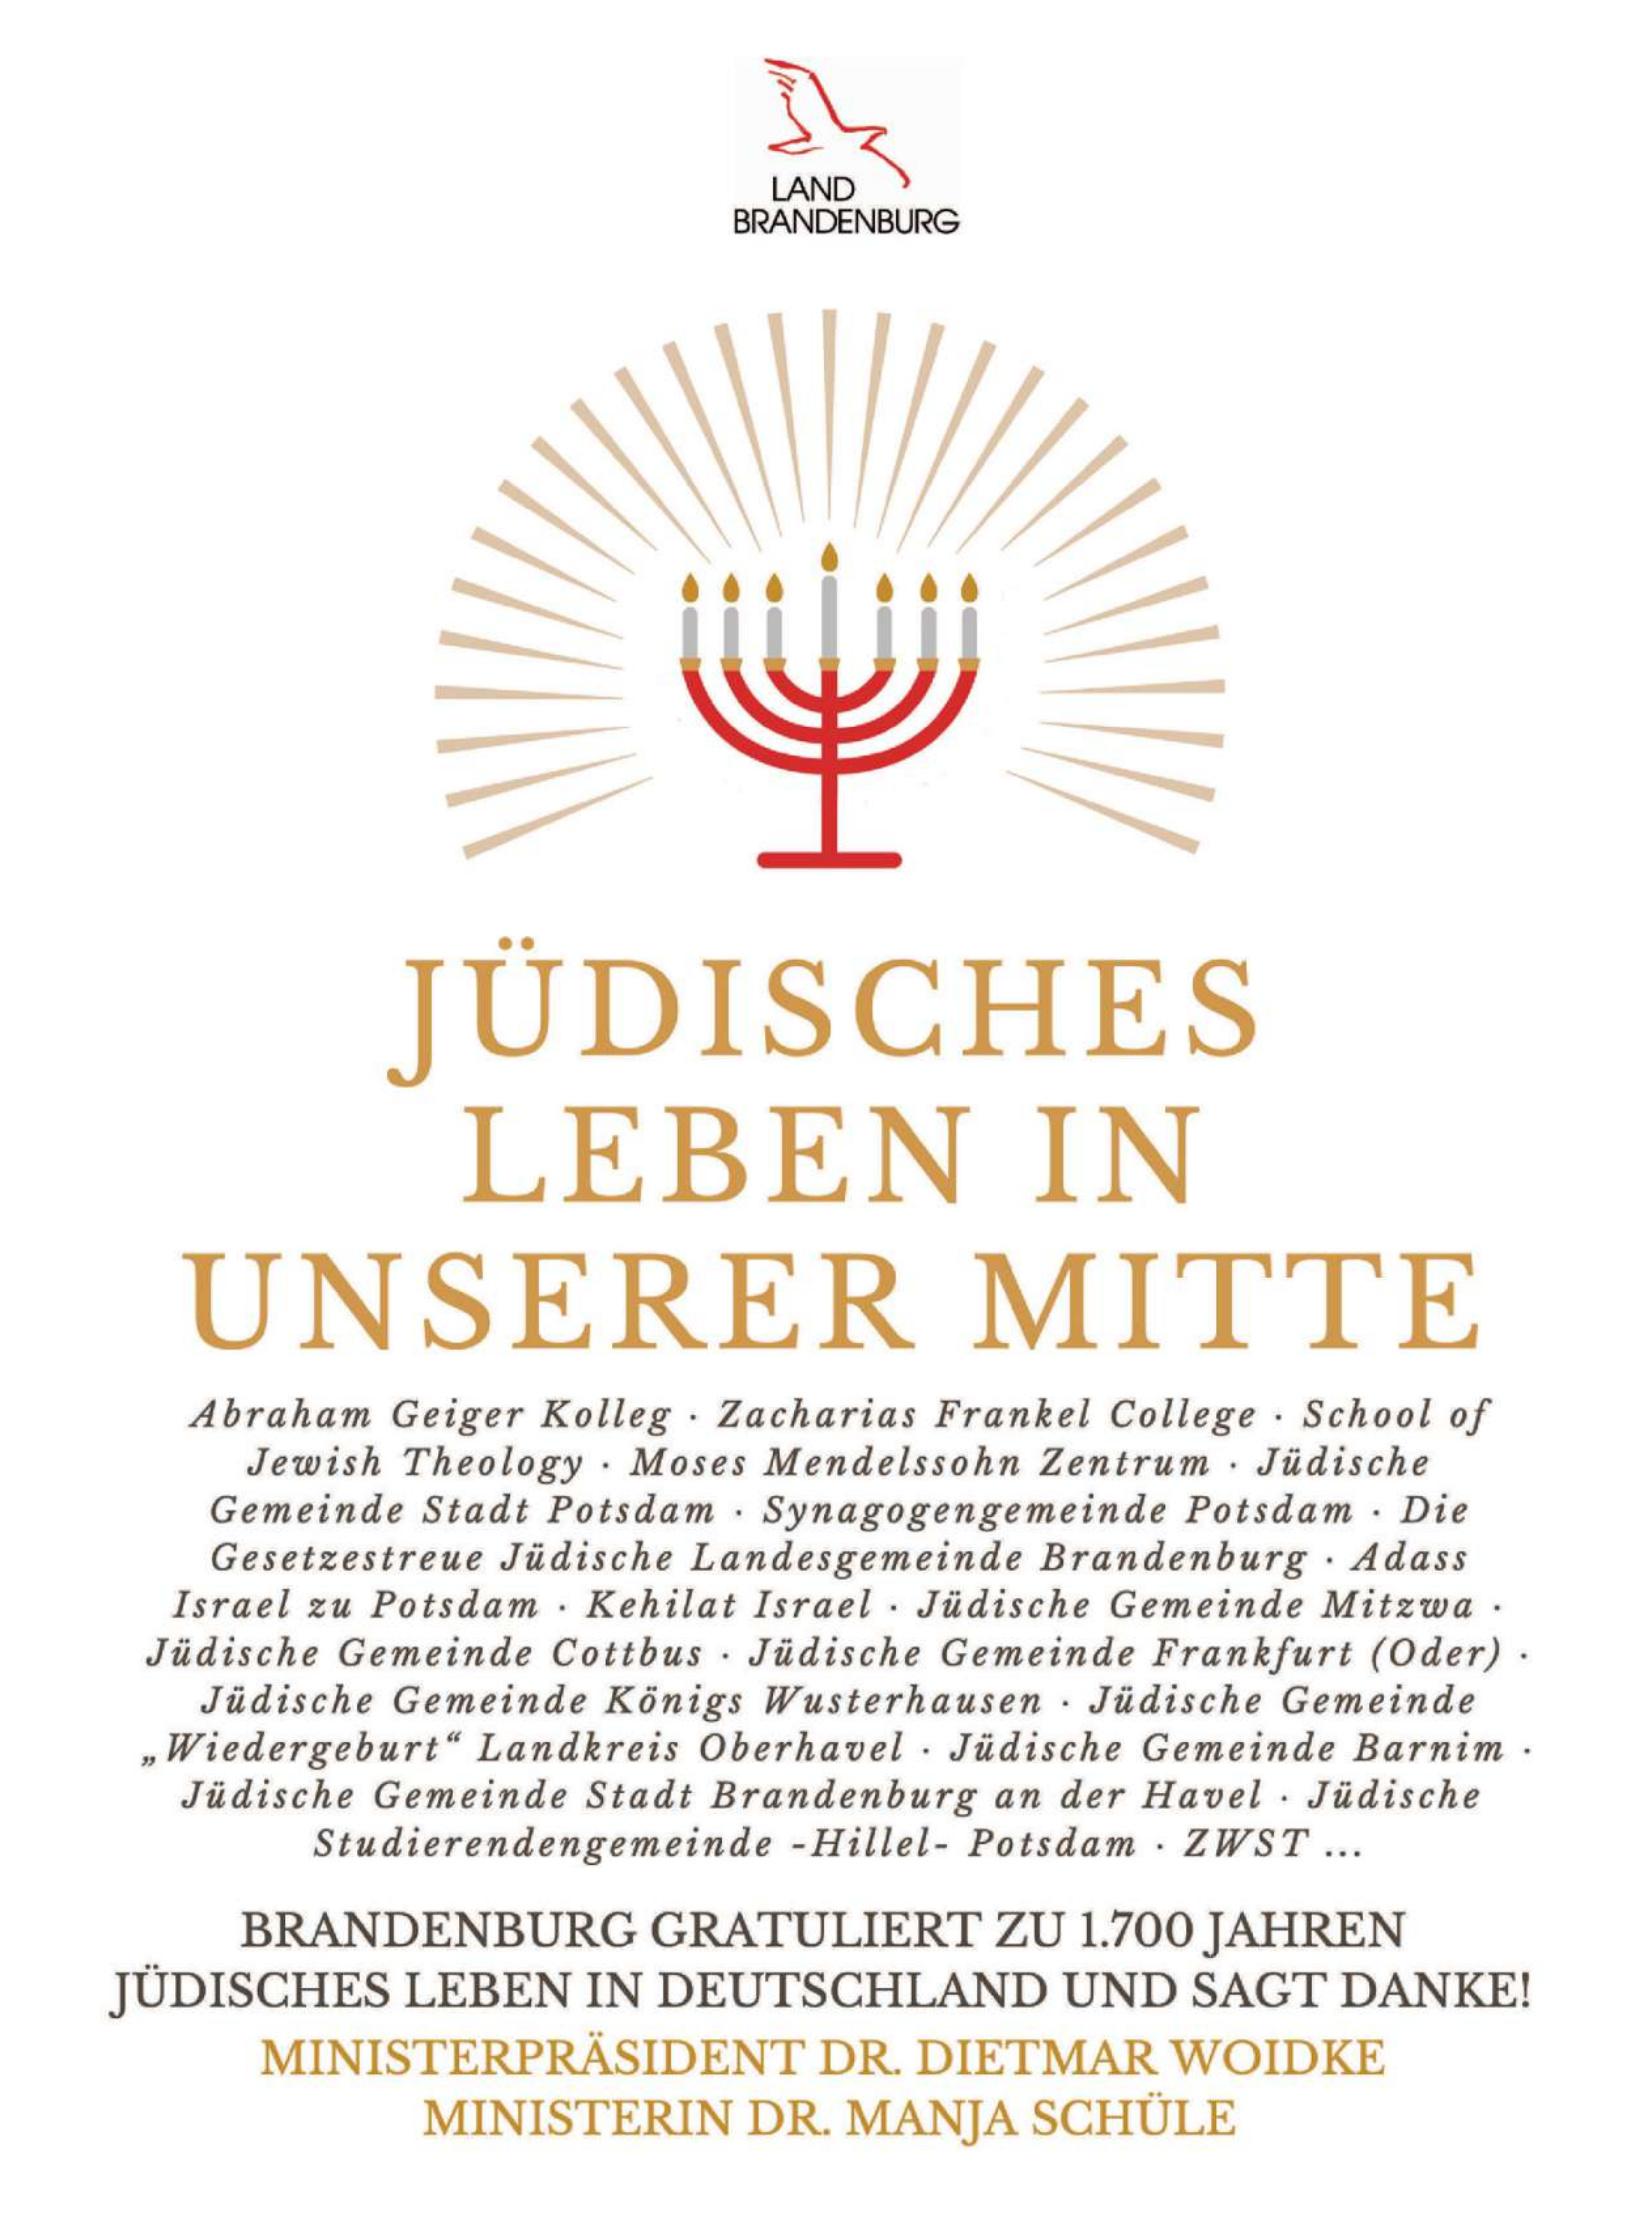 Land Brandenburg -  Jüdisches Leben in unserer Mitte